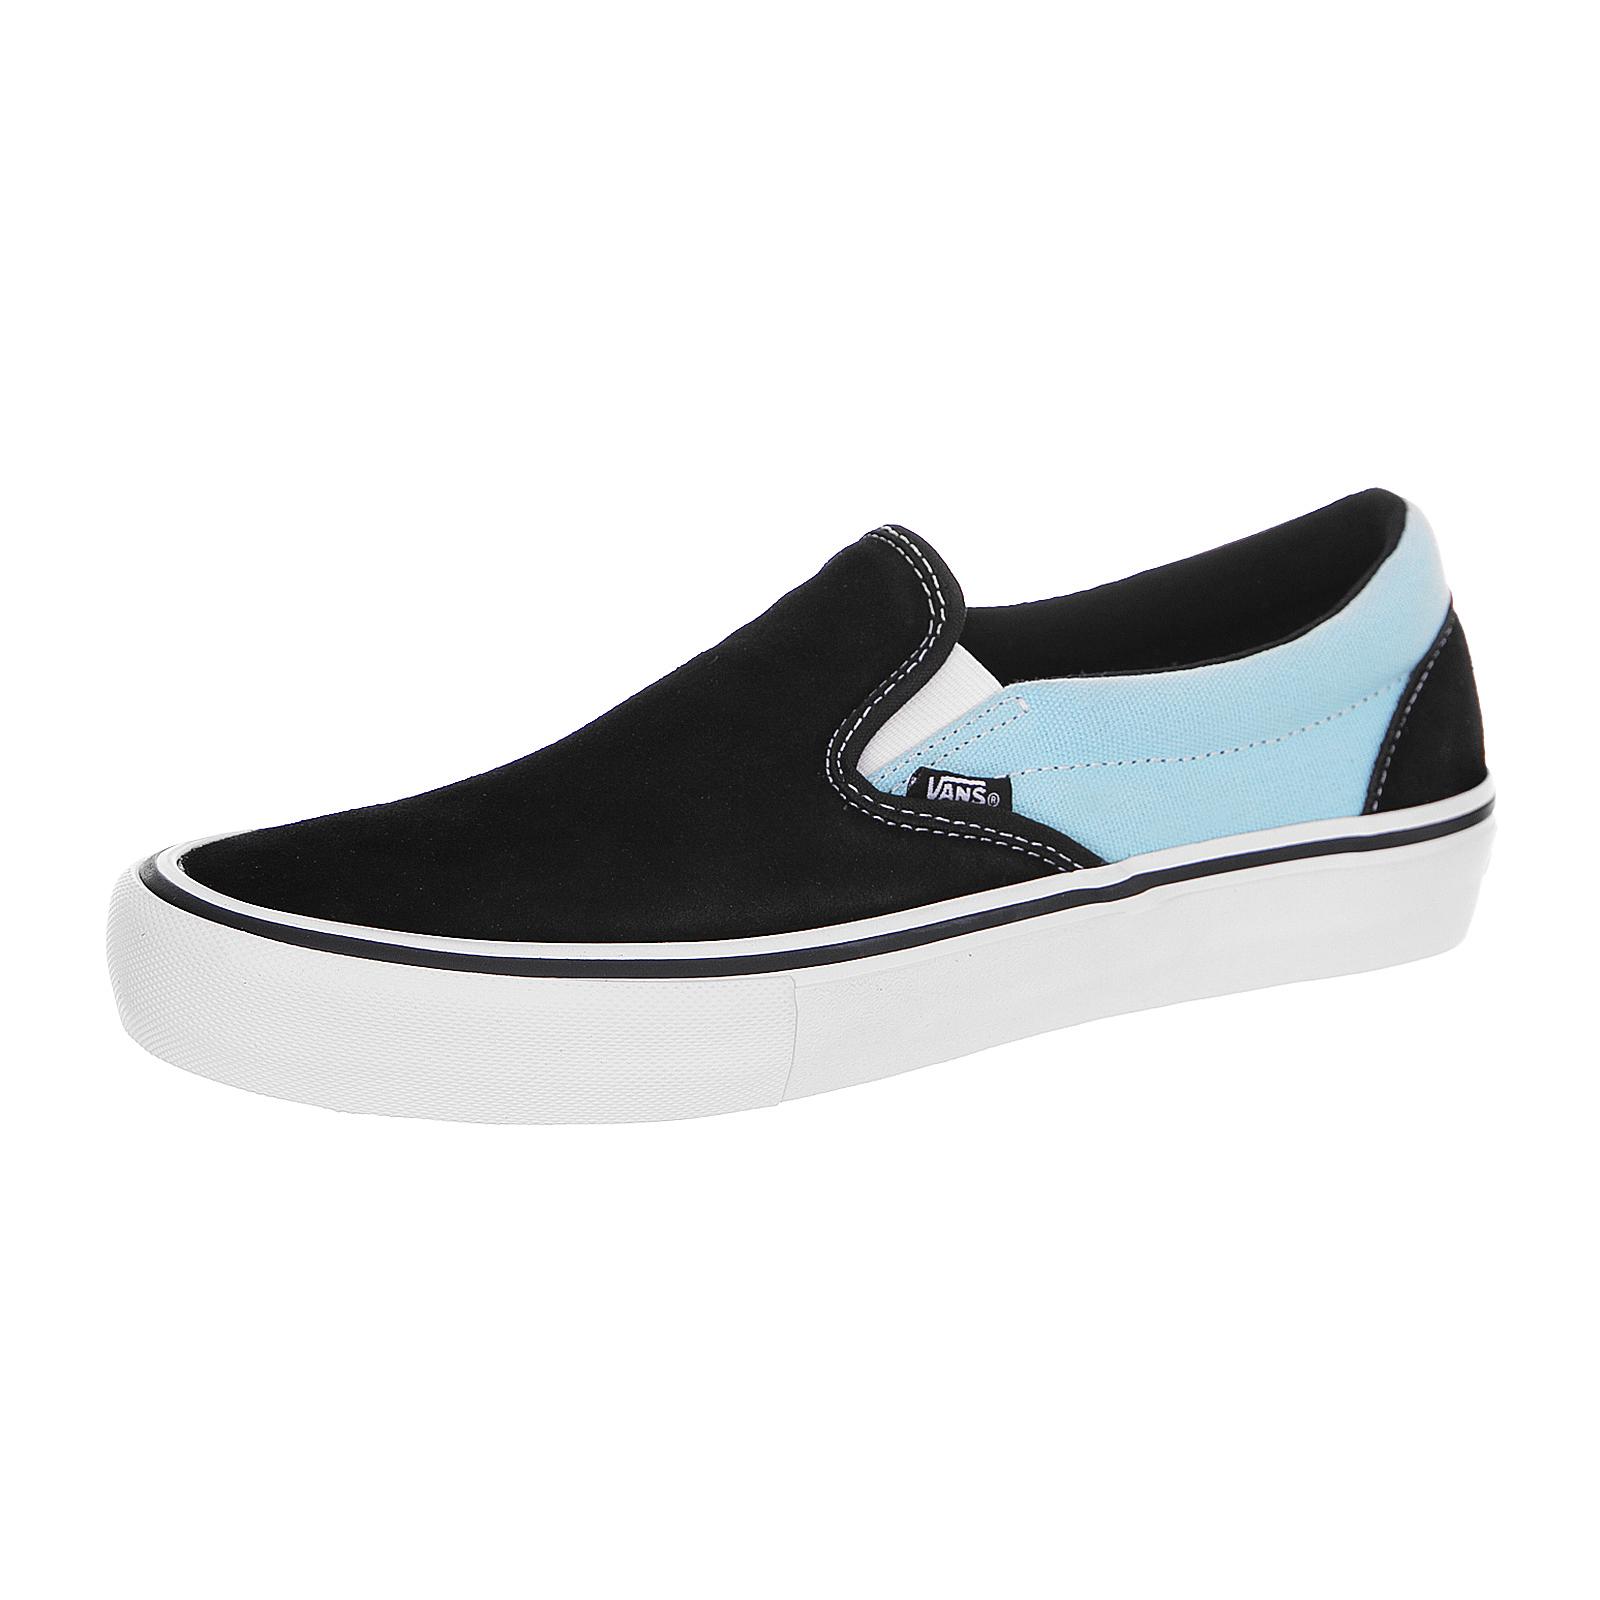 Vans Sneakers Slip-On Pro (Asymmetry) Black   bluee   pink black